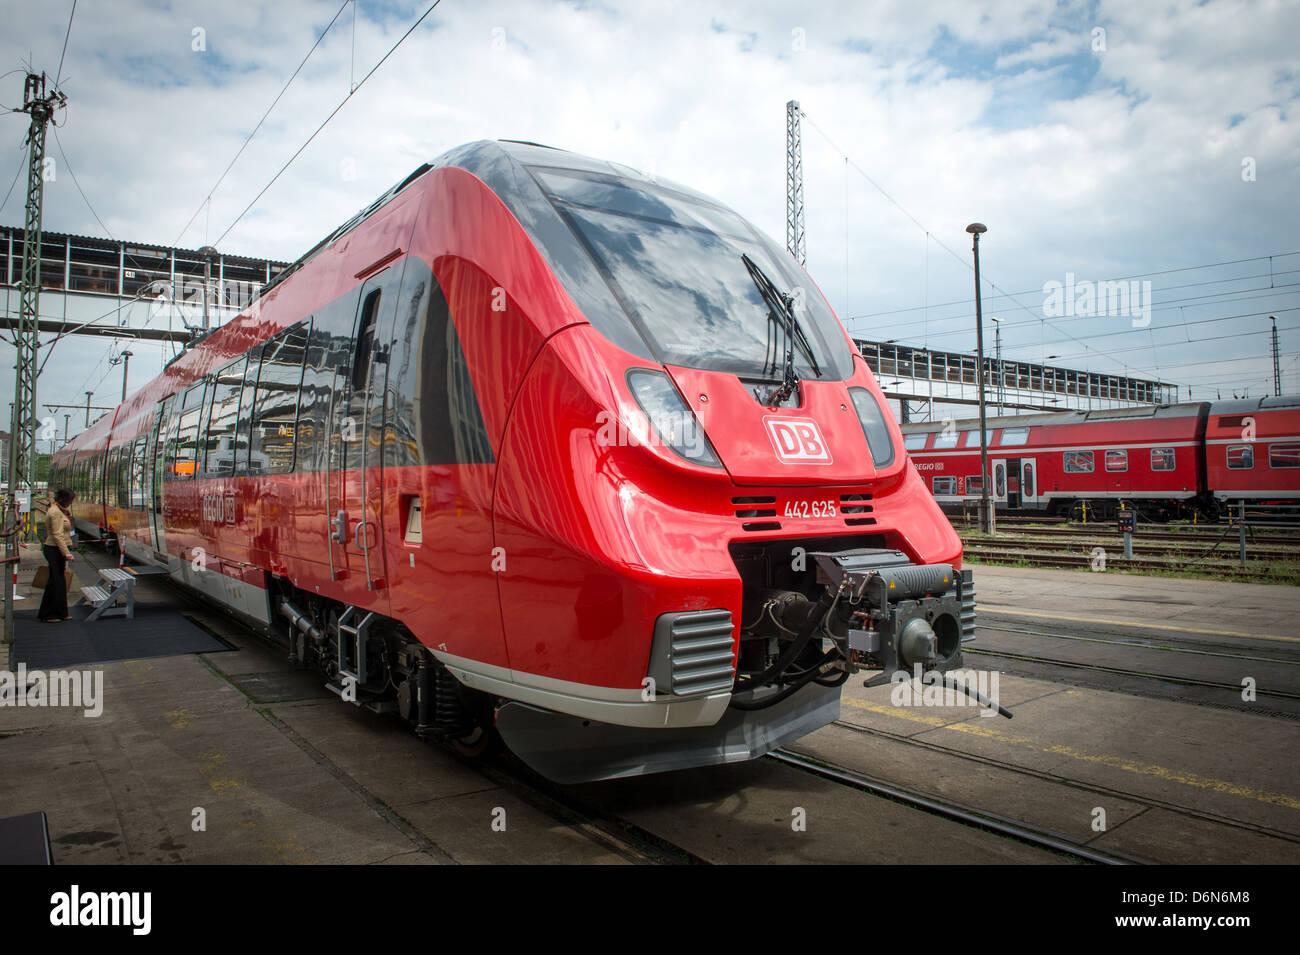 Berlino, Germania, la presentazione dei nuovi talenti 2 treni di Deutsche Bahn Immagini Stock